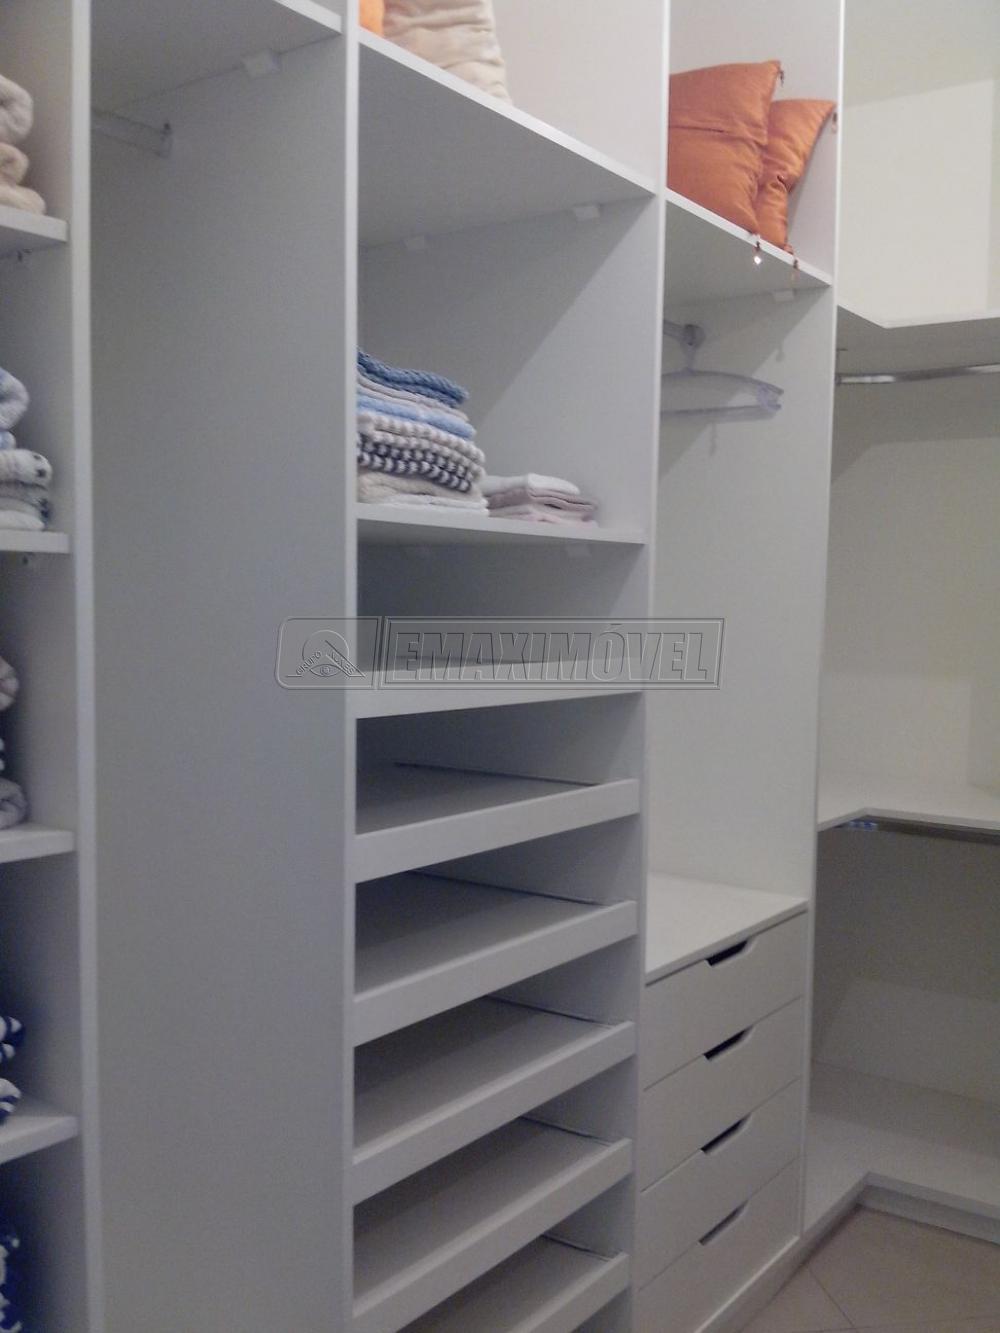 Comprar Casas / em Condomínios em Itu R$ 1.860.000,00 - Foto 14